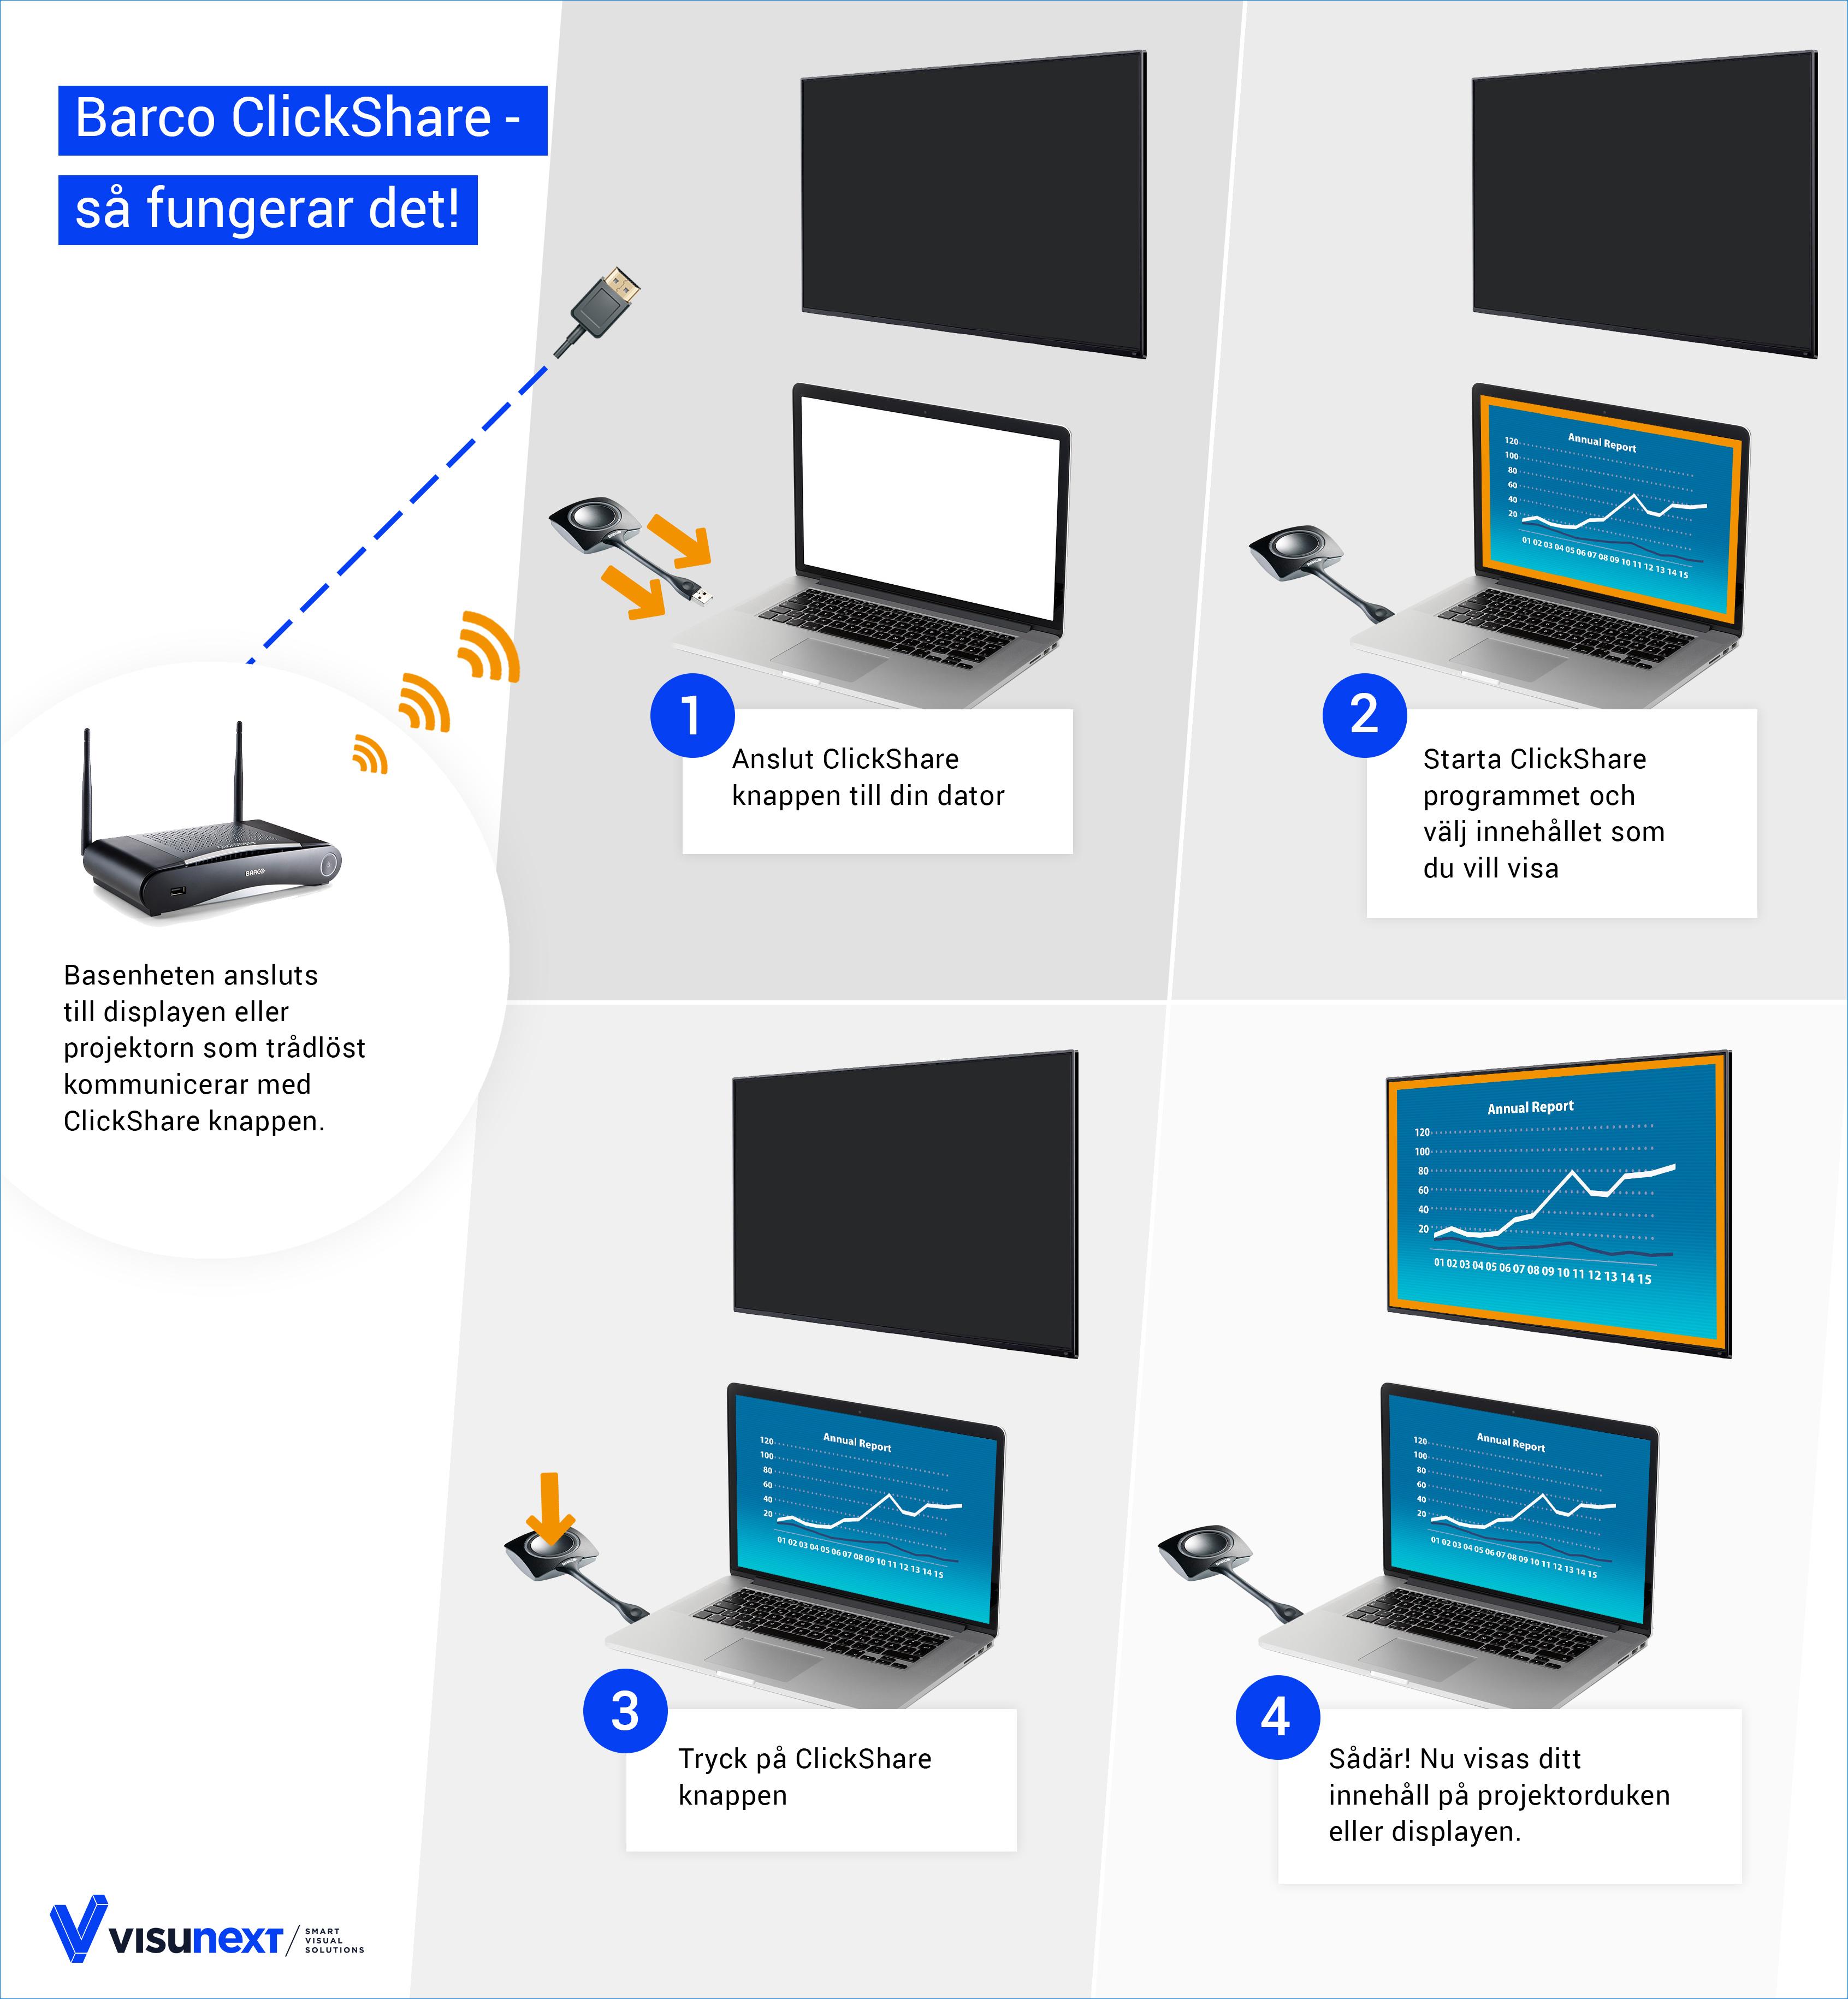 Funktionen hos Barco ClickShare-systemen är lätt att förklara